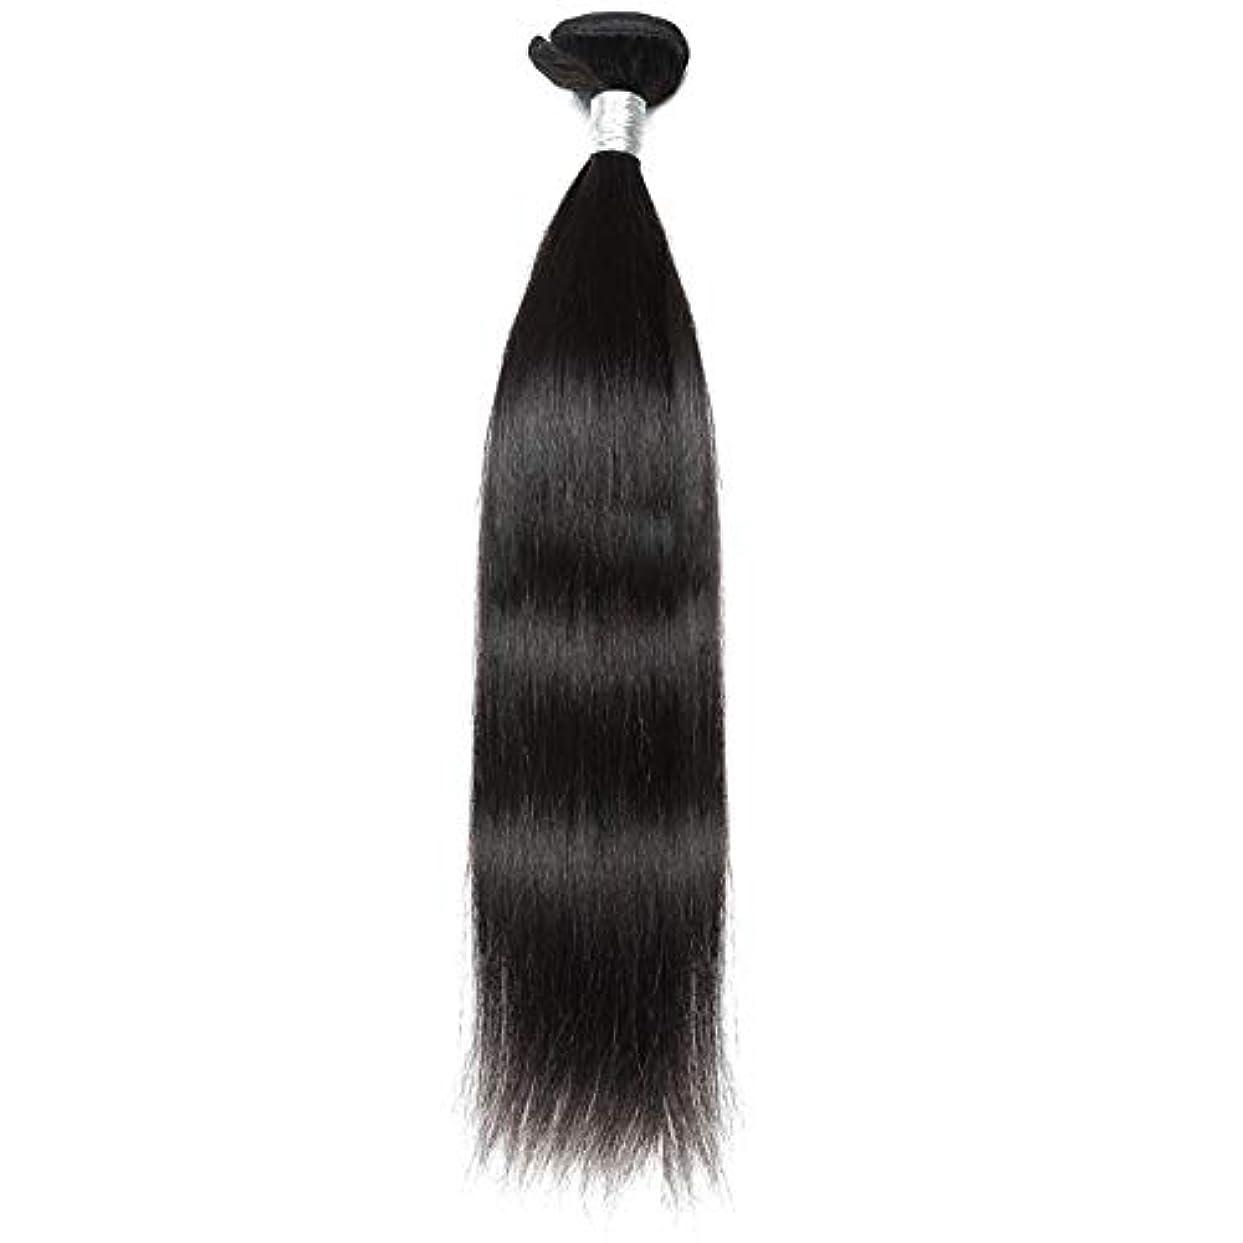 霜筋肉のダンスHOHYLLYA ブラジルのバージンヘア9Aグレード絹のようなストレート人間の髪の毛の織り方1バンドルナチュラルカラーヘアエクステンション(10インチ-26インチ)合成髪レースかつらロールプレイングウィッグストレートシリンダーショートスタイル...